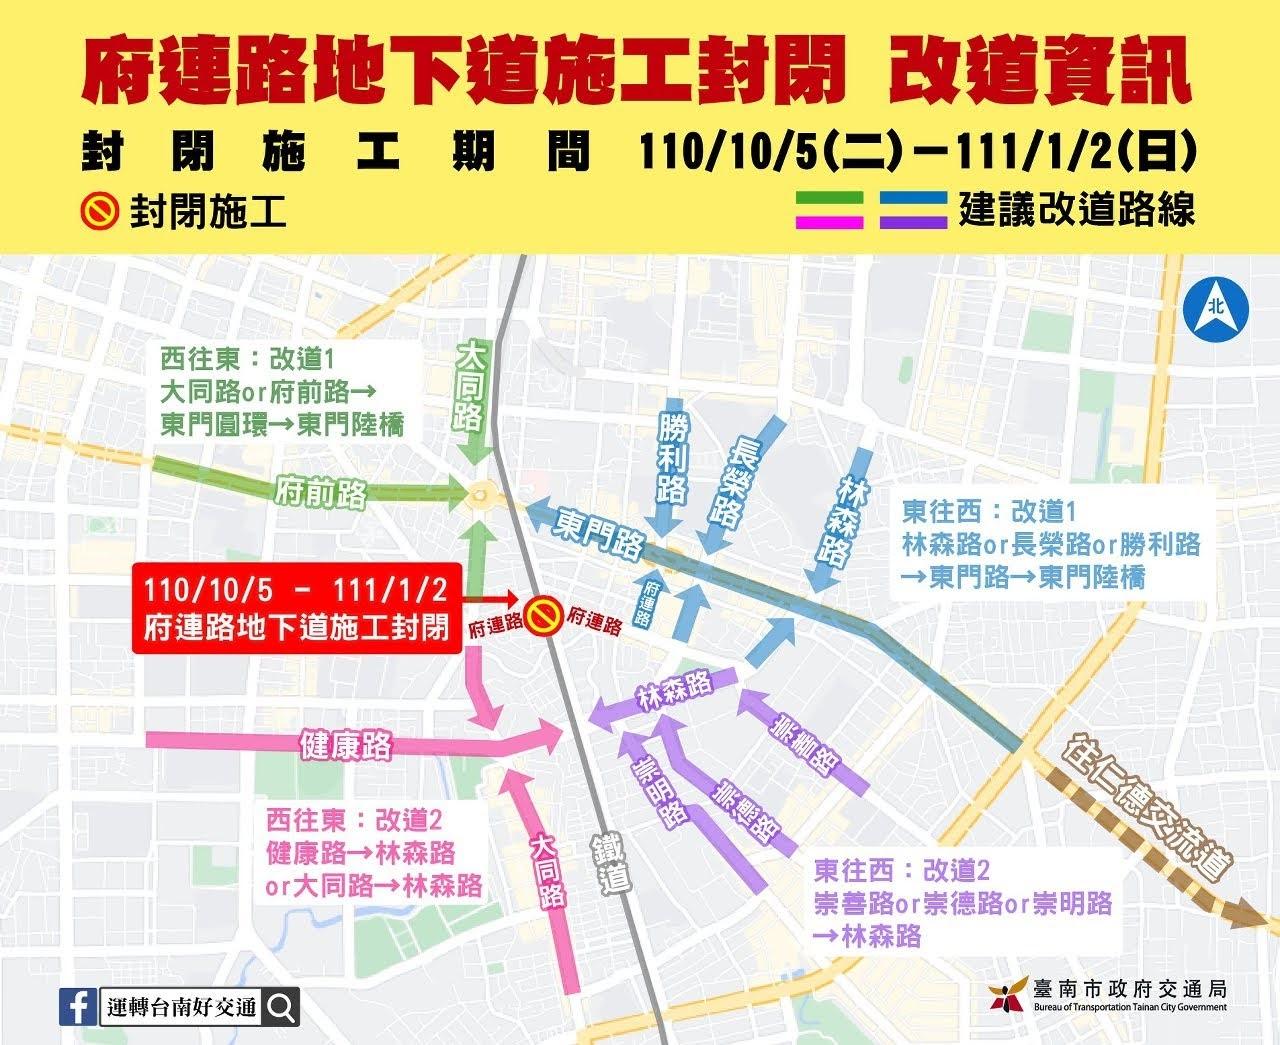 通勤時間記得避開!東區府連路地下道10/5封閉三個月|建議改道路線看這裡